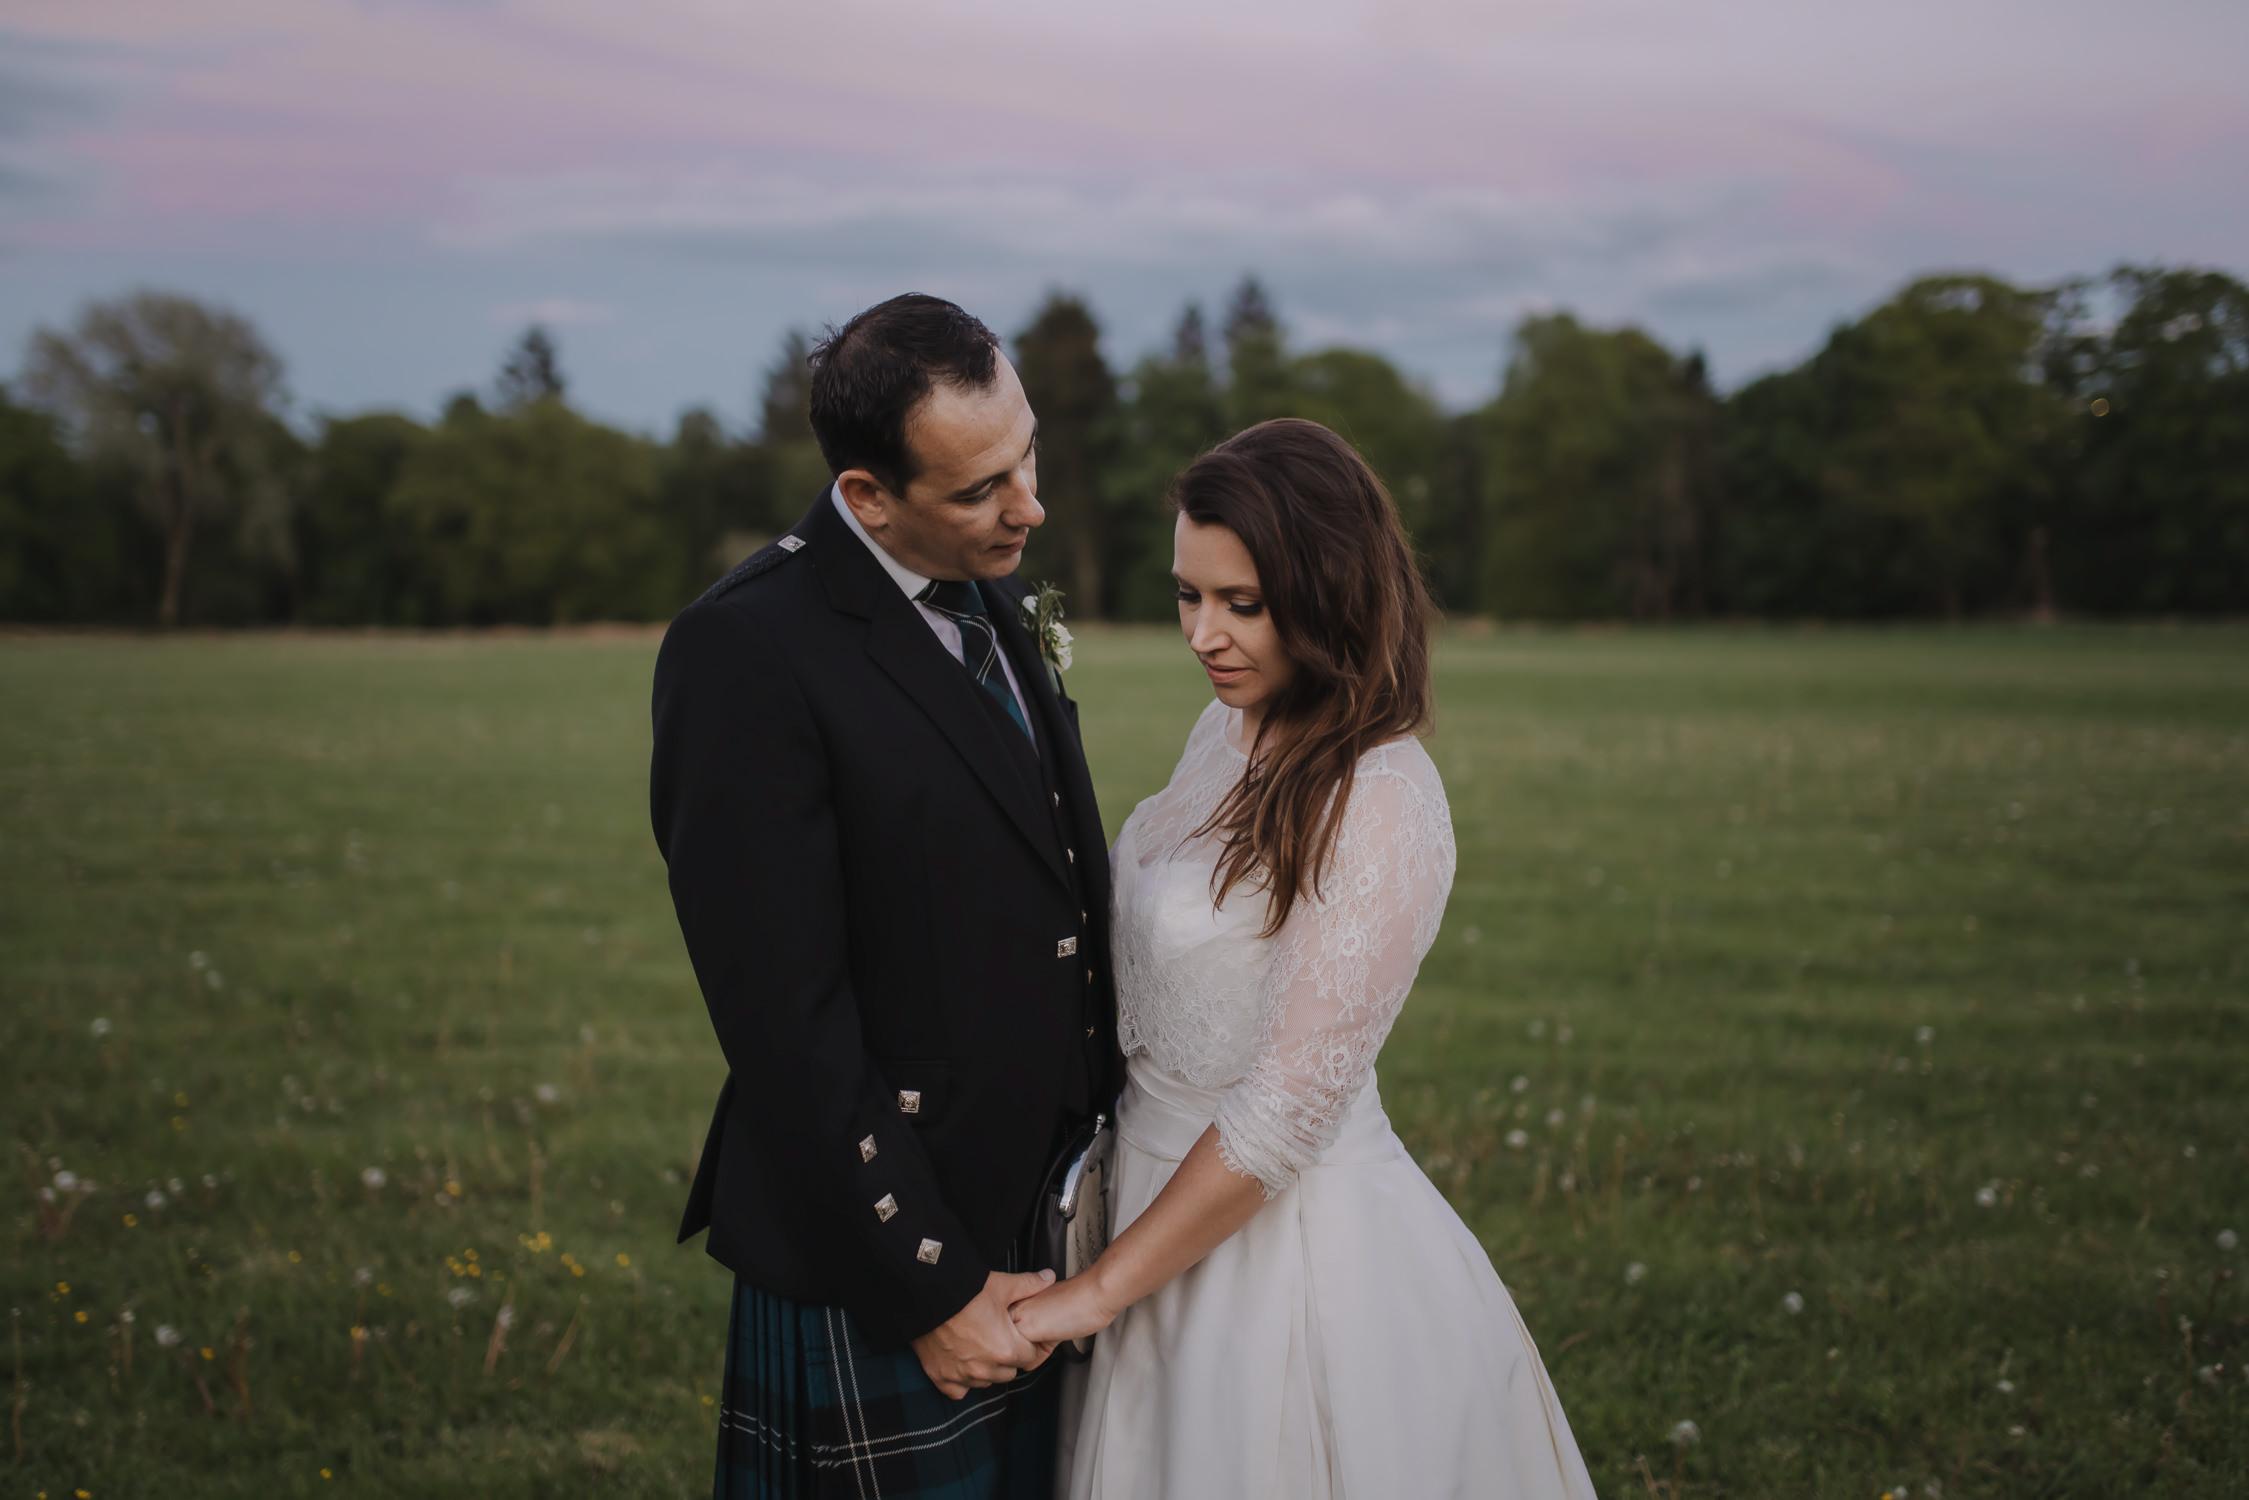 bruidsfotografie-amsterdam-utrecht--aberdeen-mark-hadden-wedding-photography-lynne-steve-337.jpg